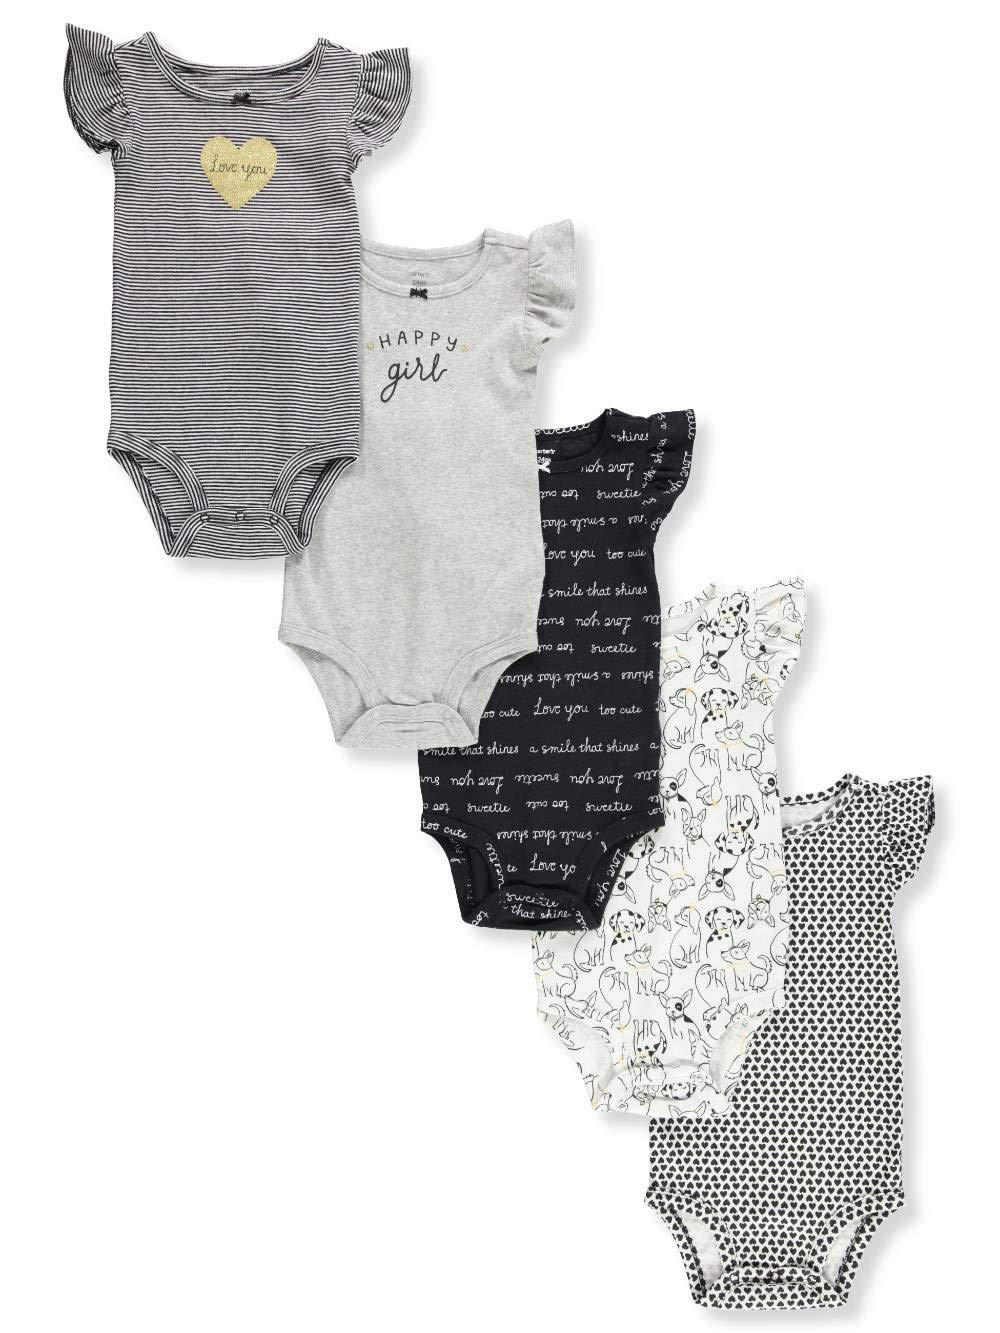 【楽ギフ_のし宛書】 Carter's 12 SHIRT カラー: ベビーガールズ US サイズ: Newborn カラー: ホワイト Newborn B07KKMNRJM ブラック/ホワイト 12 Months 12 Months|ブラック/ホワイト, ギャラリーメイスン:d71b8091 --- arianechie.dominiotemporario.com